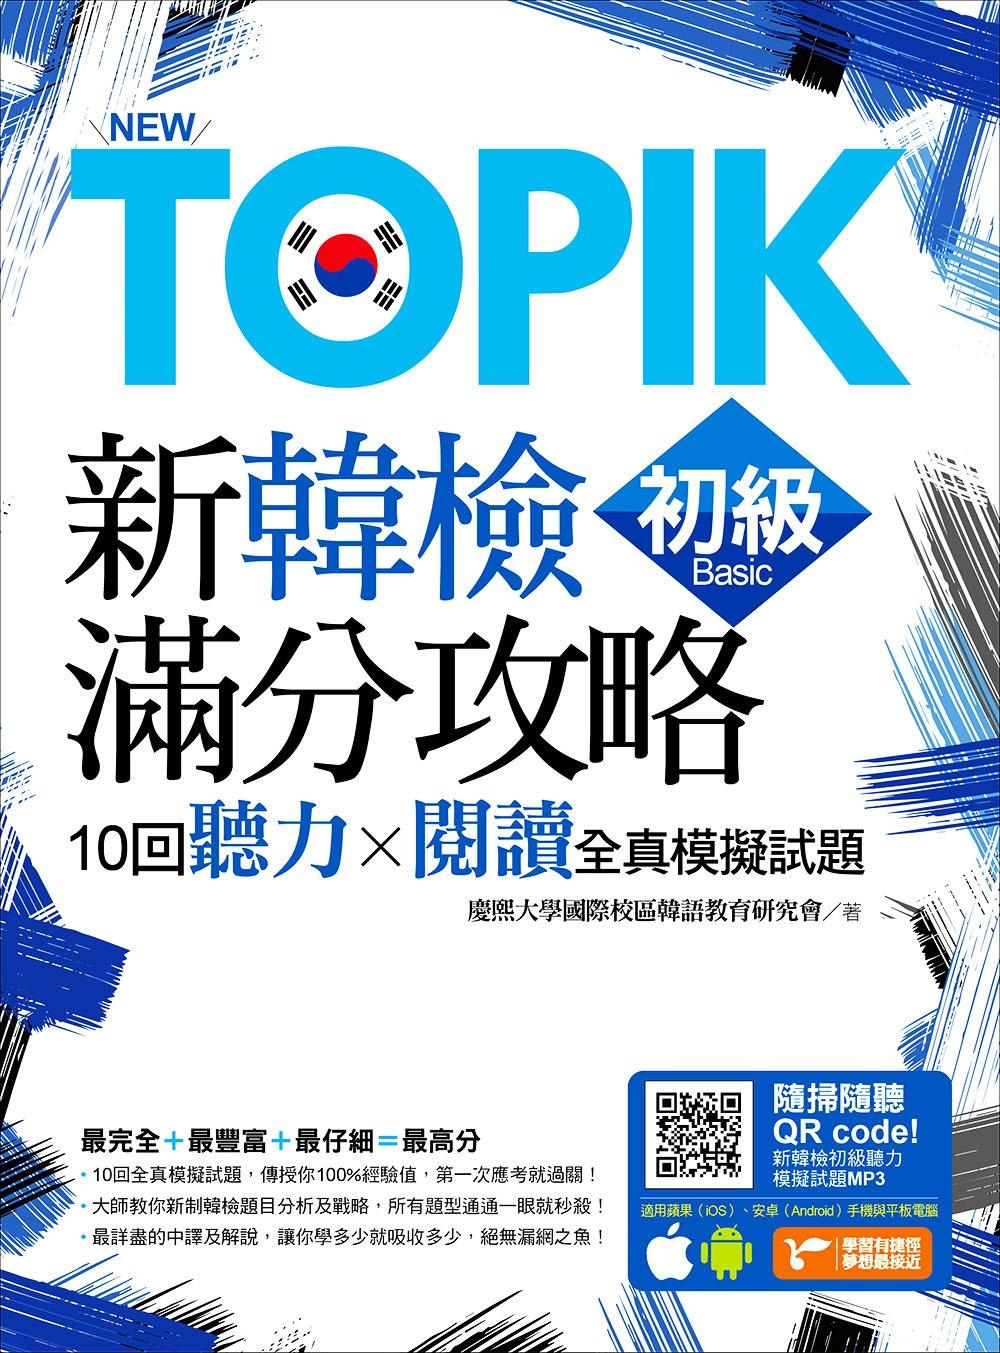 New TOPI...